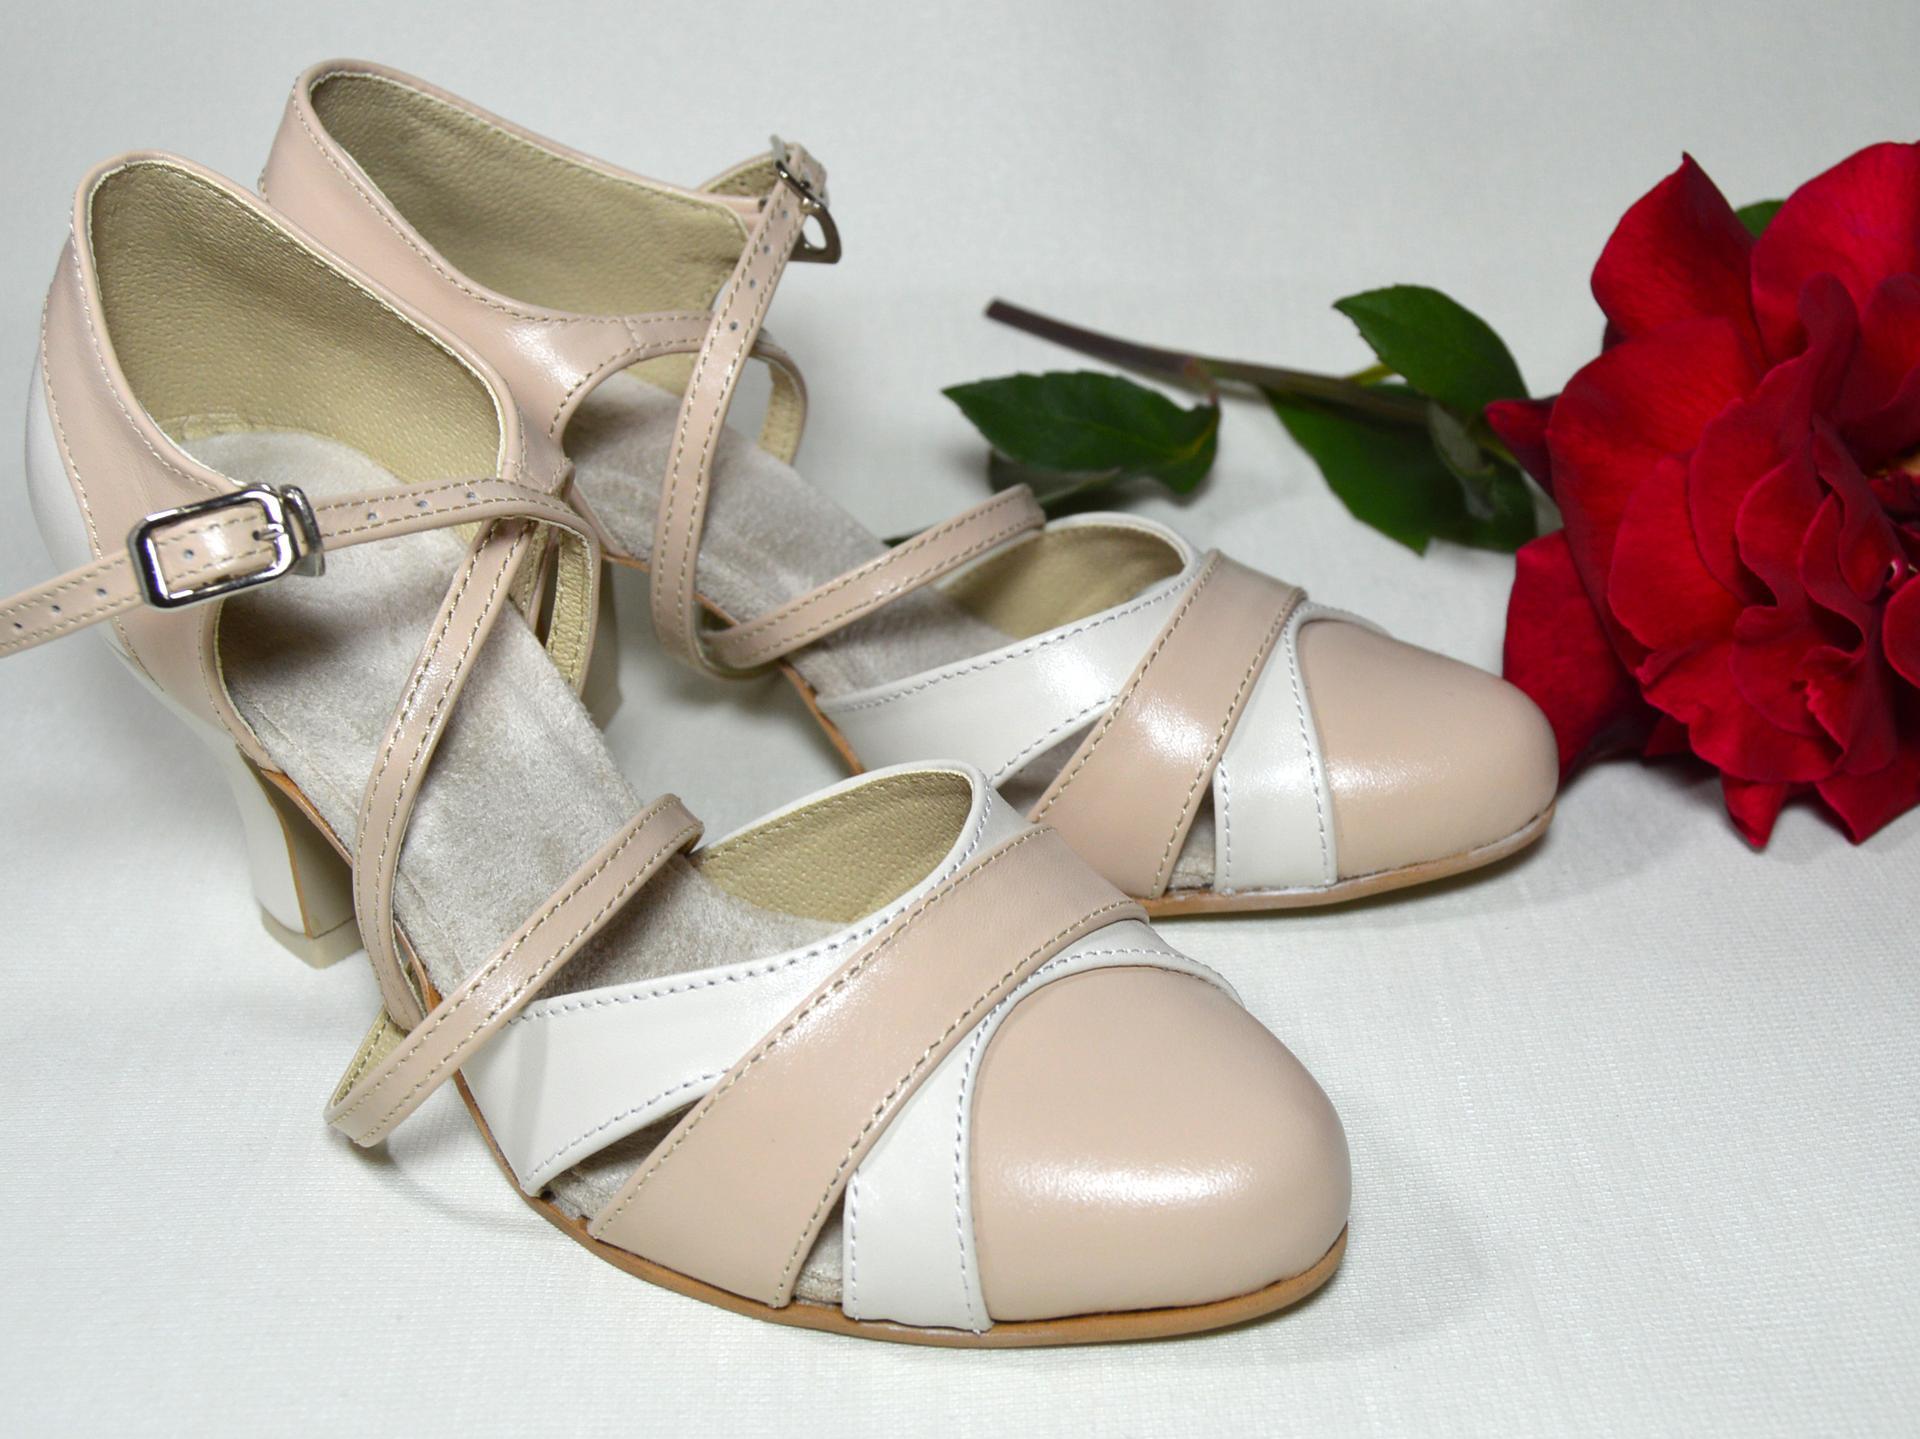 Spoločenská či svadobná obuv aj na každodenné nosenie - prečo nie - doprajte si pohodlné topánky aj každý deň, veď Vaše nohy si to zaslúžia 🙂 http://popelkateam.eu/jak-zacit/4594574200 Navrhnite si ich podľa svojho vkusu - Obrázok č. 3